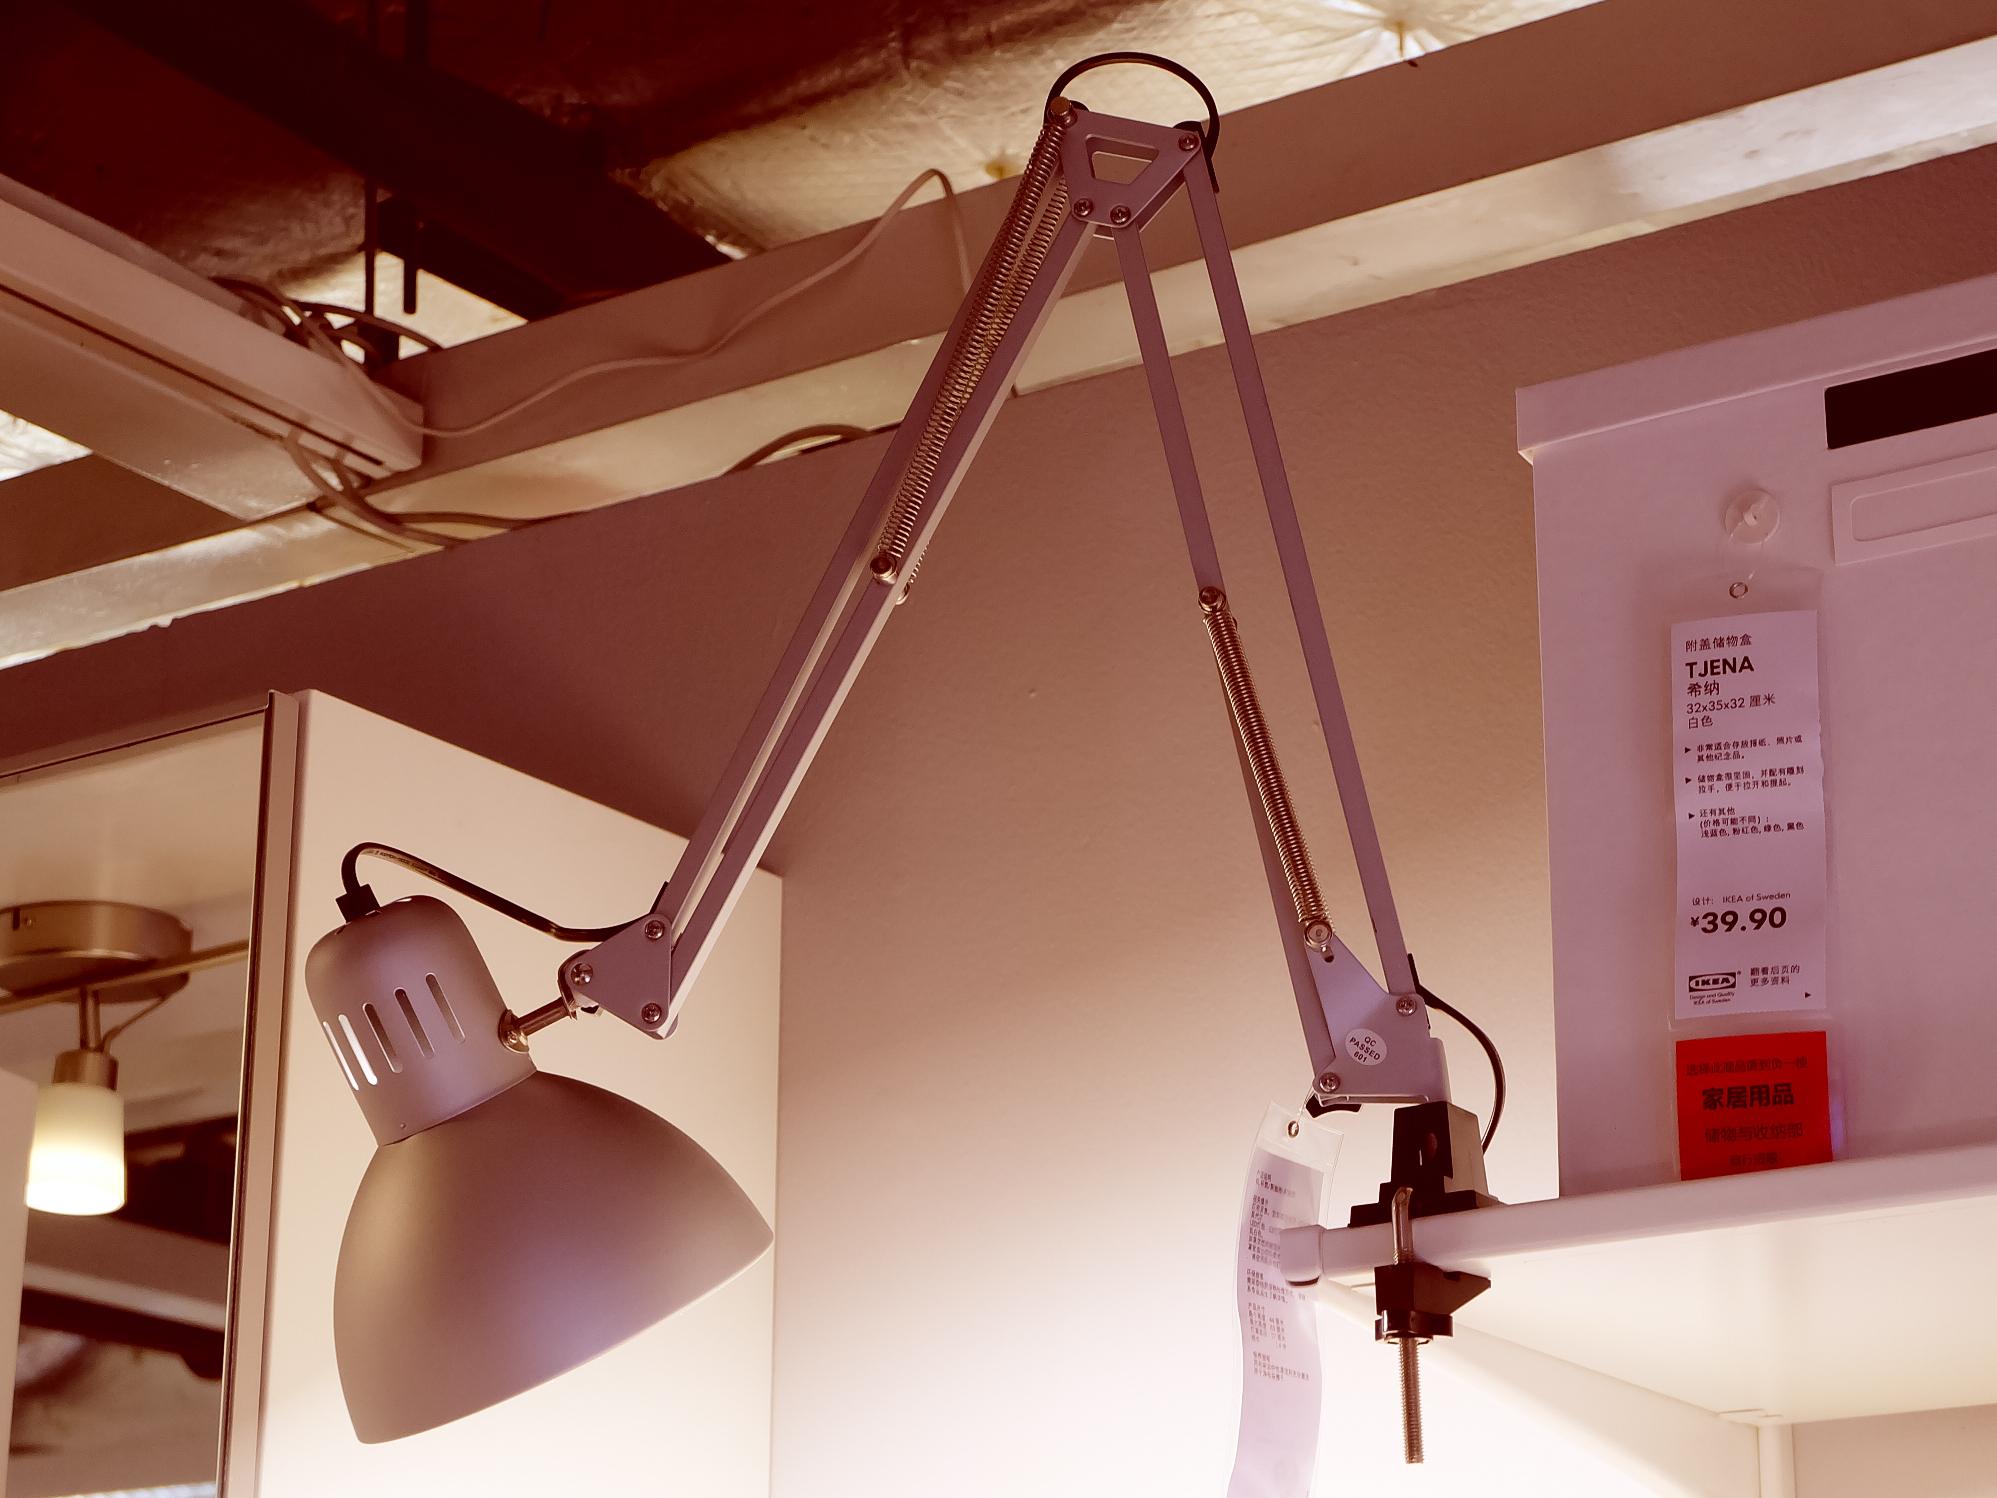 DSCF4845 Đèn bàn làm việc IKEA TERTIAL